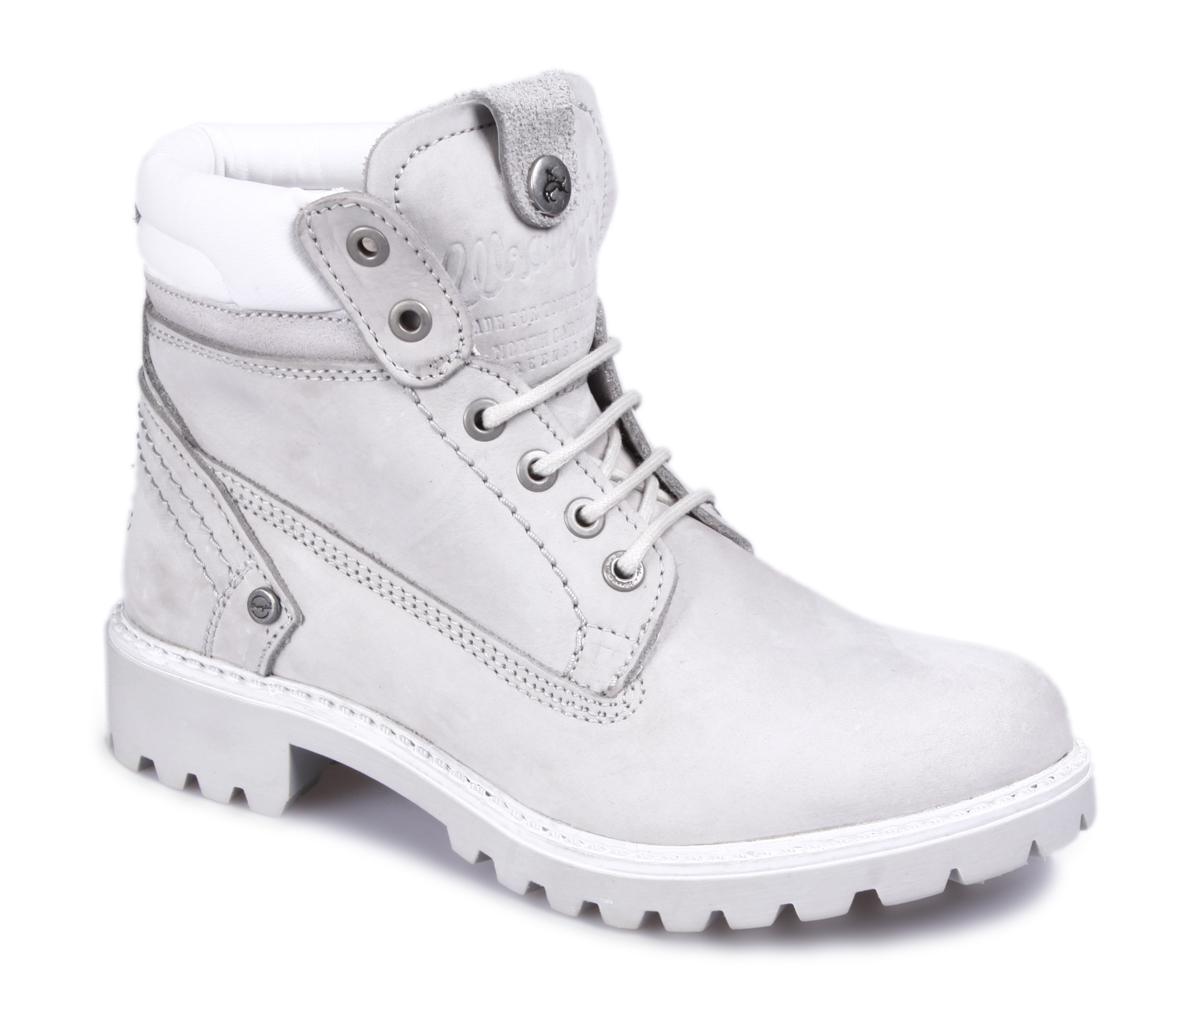 Ботинки женские Wrangler Creek Fur, цвет: светло-серый, белый. WL152501F-91. Размер 36WL152501F-91Стильные женские ботинки Creek Fur от Wrangler выполнены из натурального нубука. Подкладка и стелька из искусственного меха не дадут ногам замерзнуть. Шнуровка надежно зафиксирует модель на ноге. Подошва дополнена рифлением.